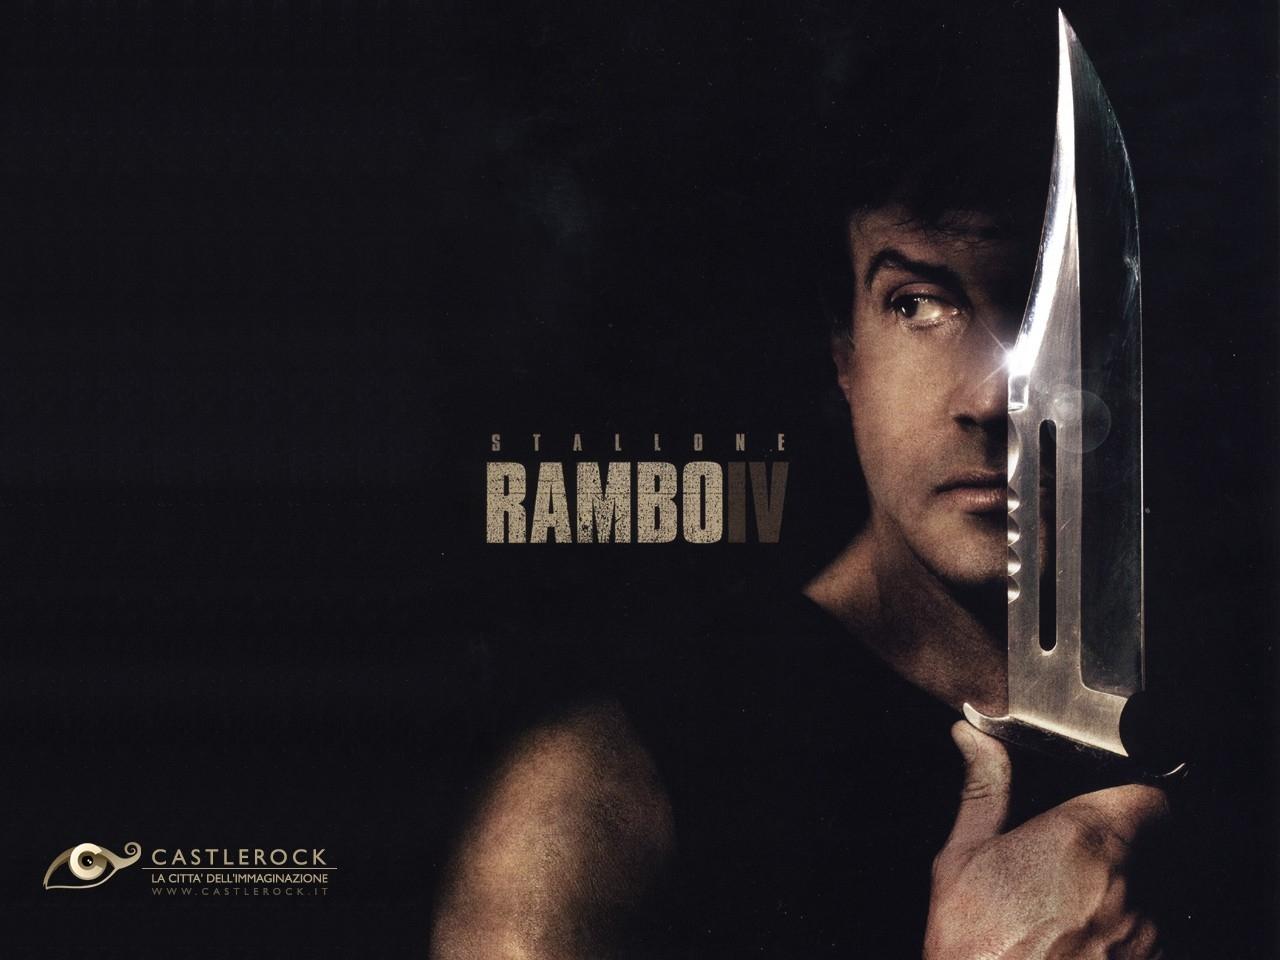 Wallpaper del film John Rambo con Stallone